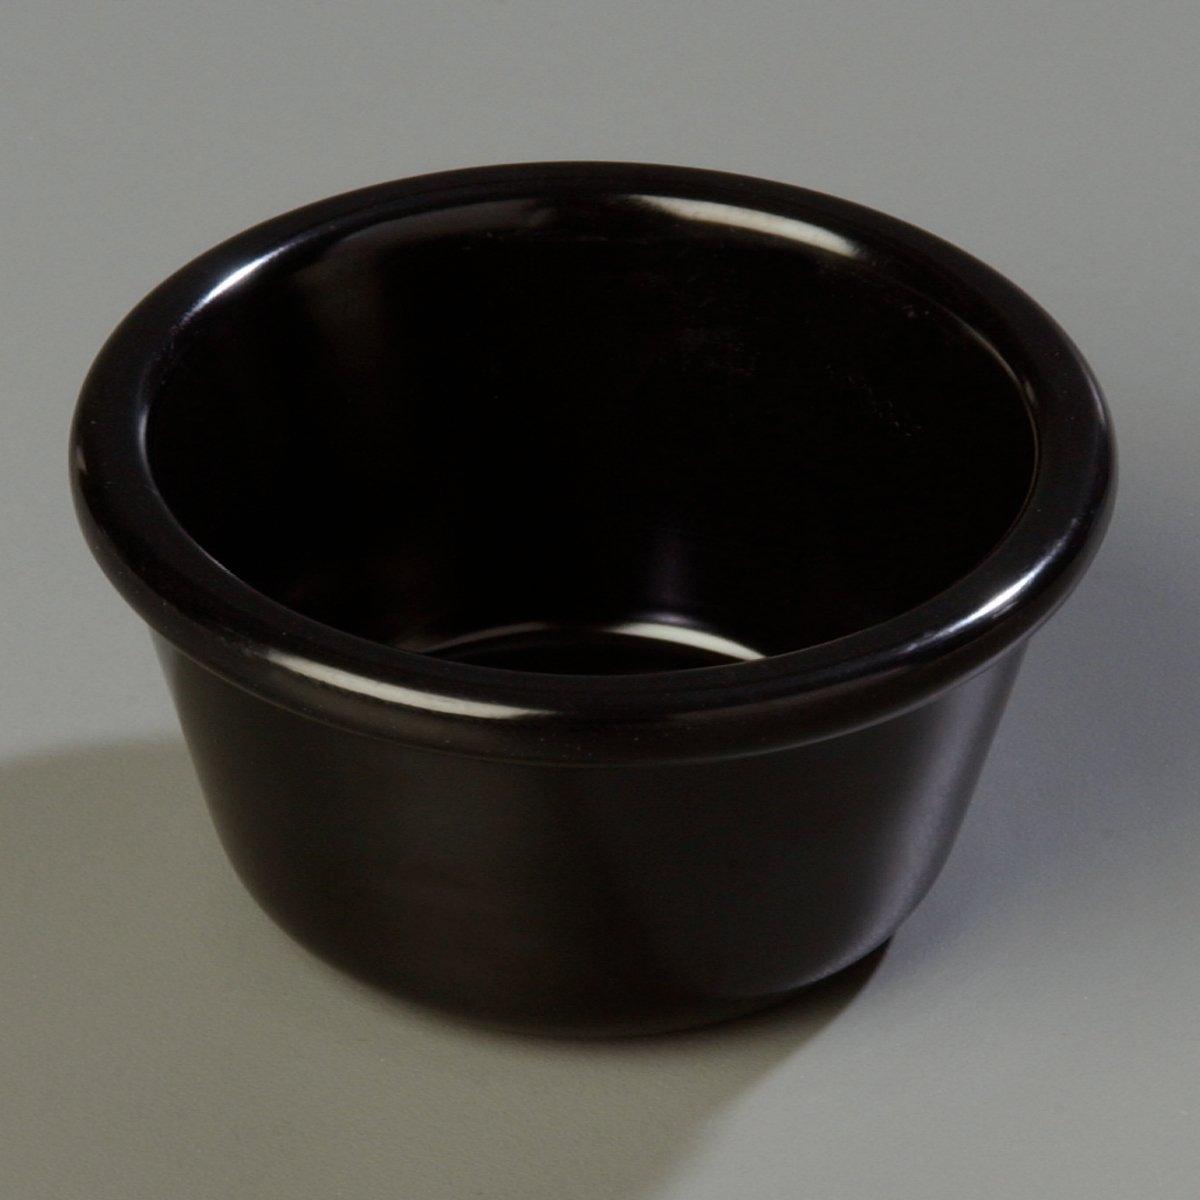 Carlisle S28503 Melamine Smooth Ramekin, 4 oz. Capacity, Black (Case of 48) by Carlisle (Image #9)